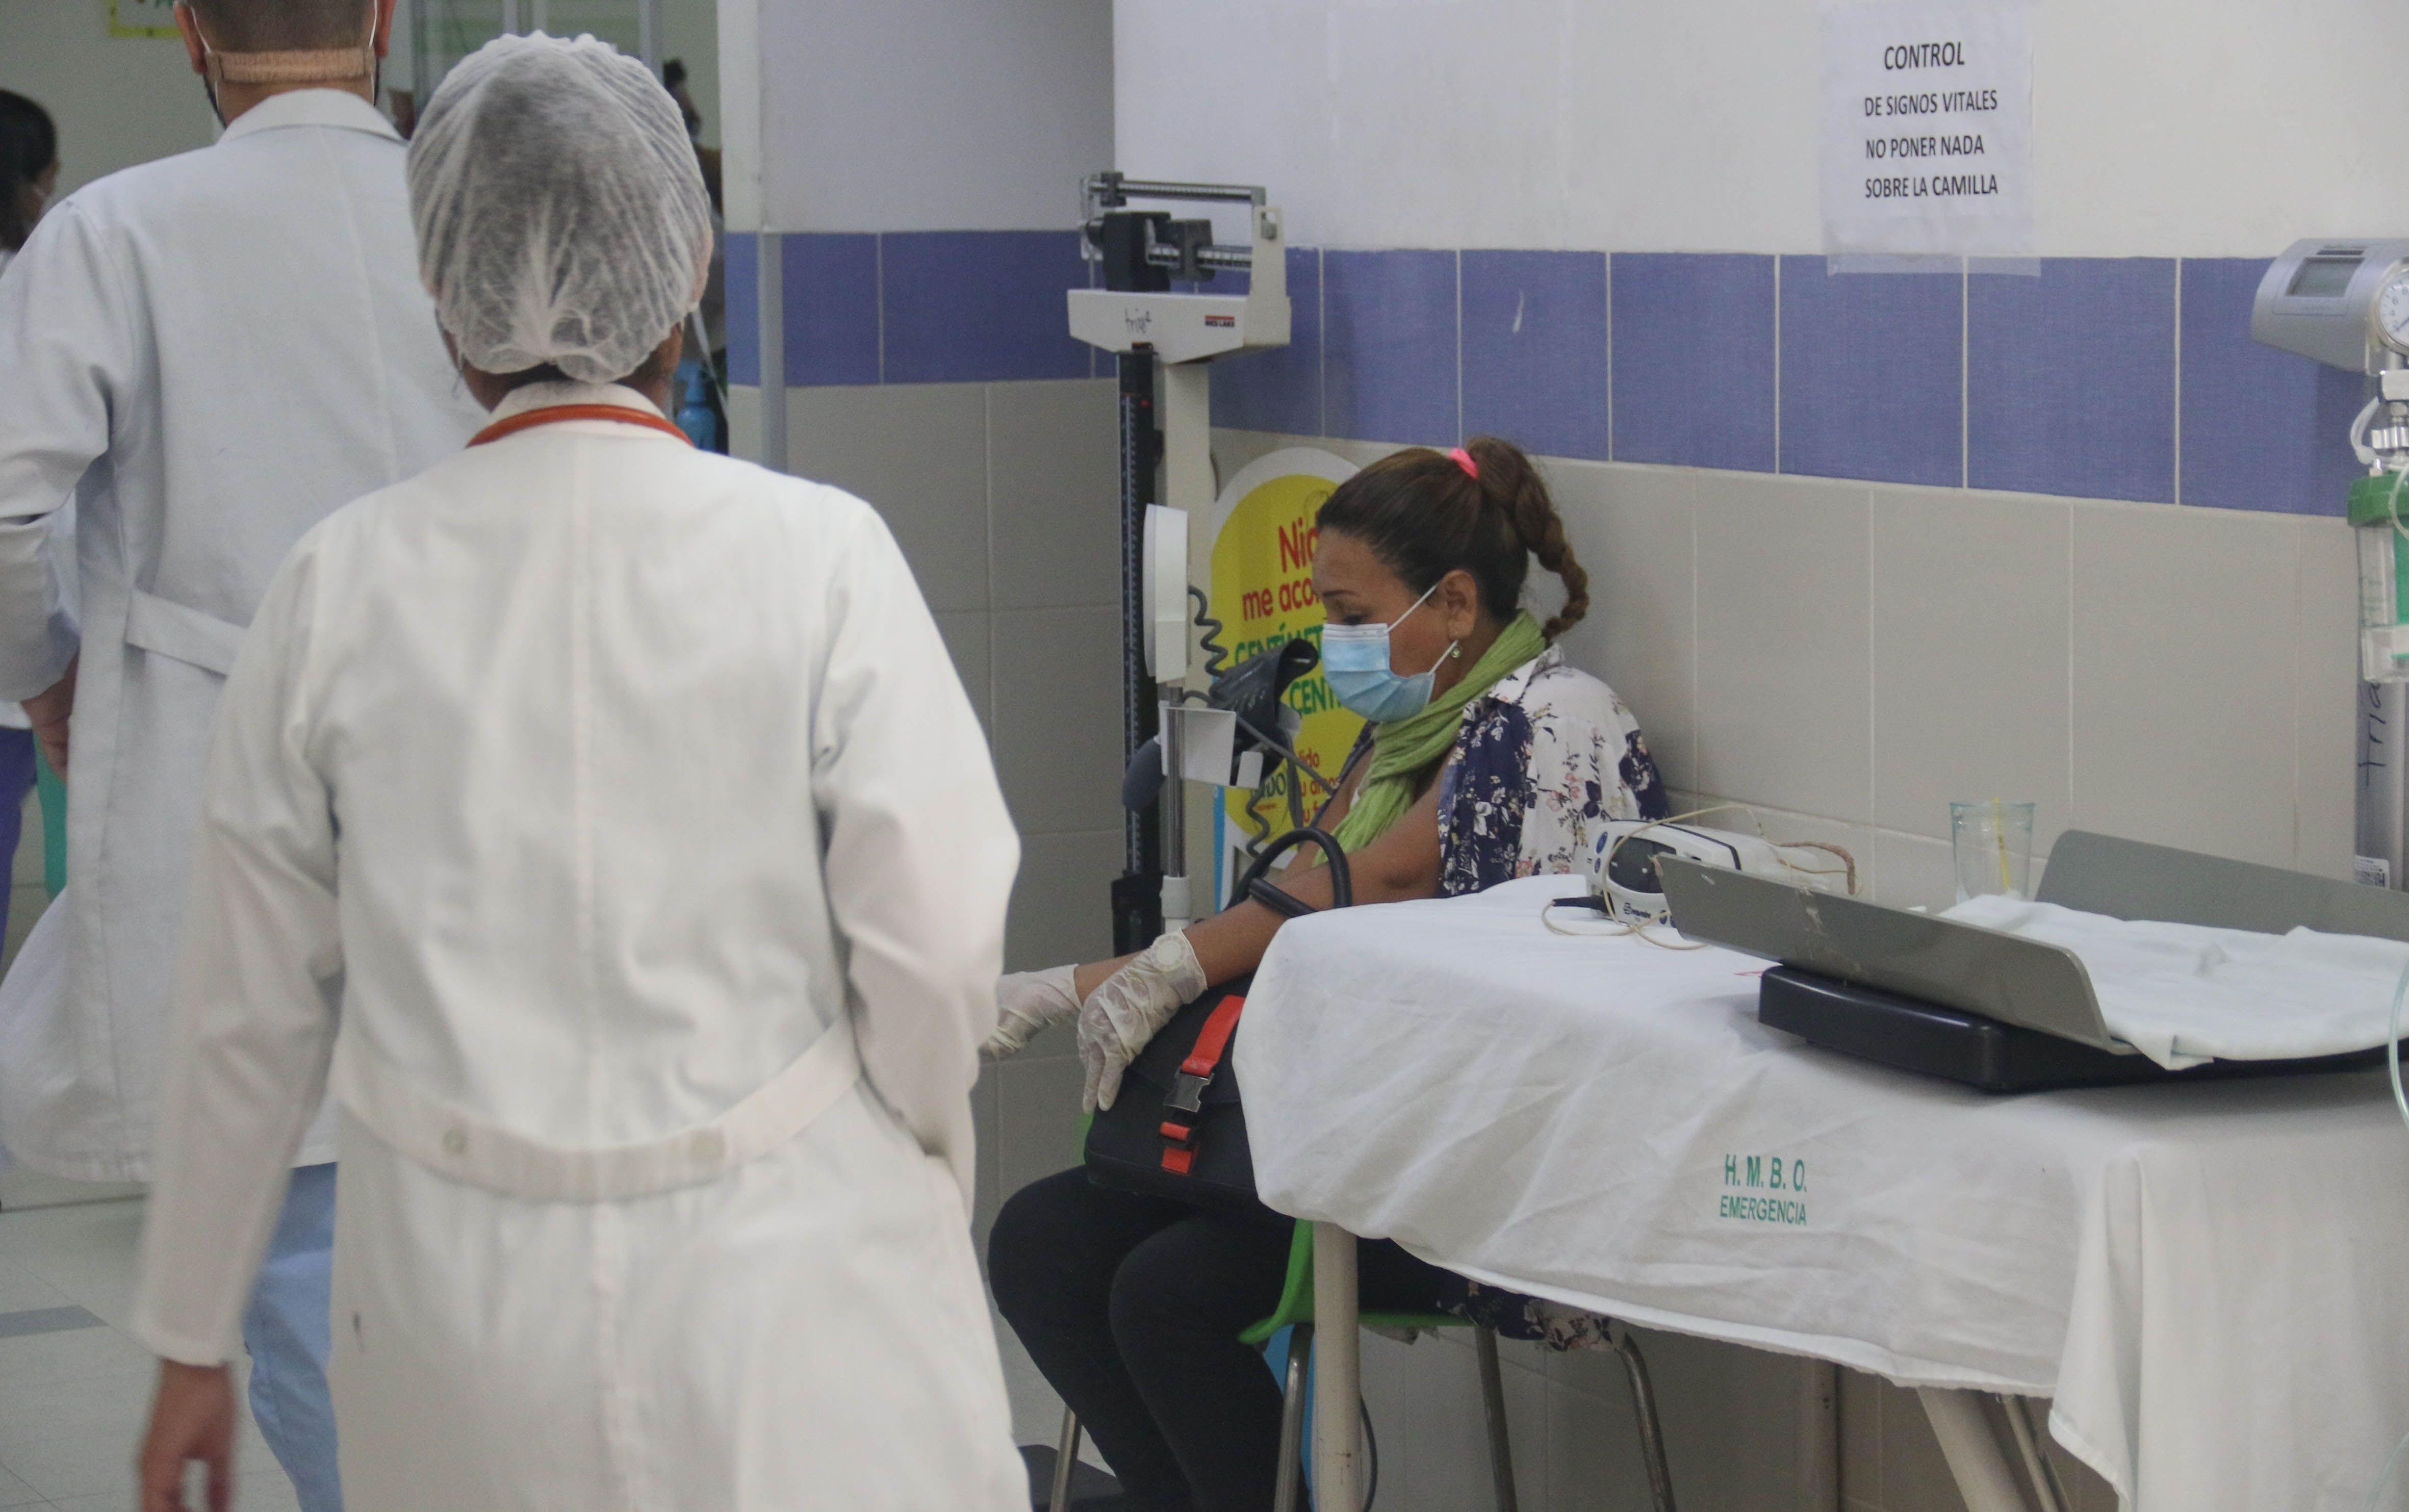 Una mujer espera atención en un pasillo del Hospital El Bajío en la ciudad de Santa Cruz Bolivia (Bolivia). EFE/ Juan Carlos Torrejón/Archivo